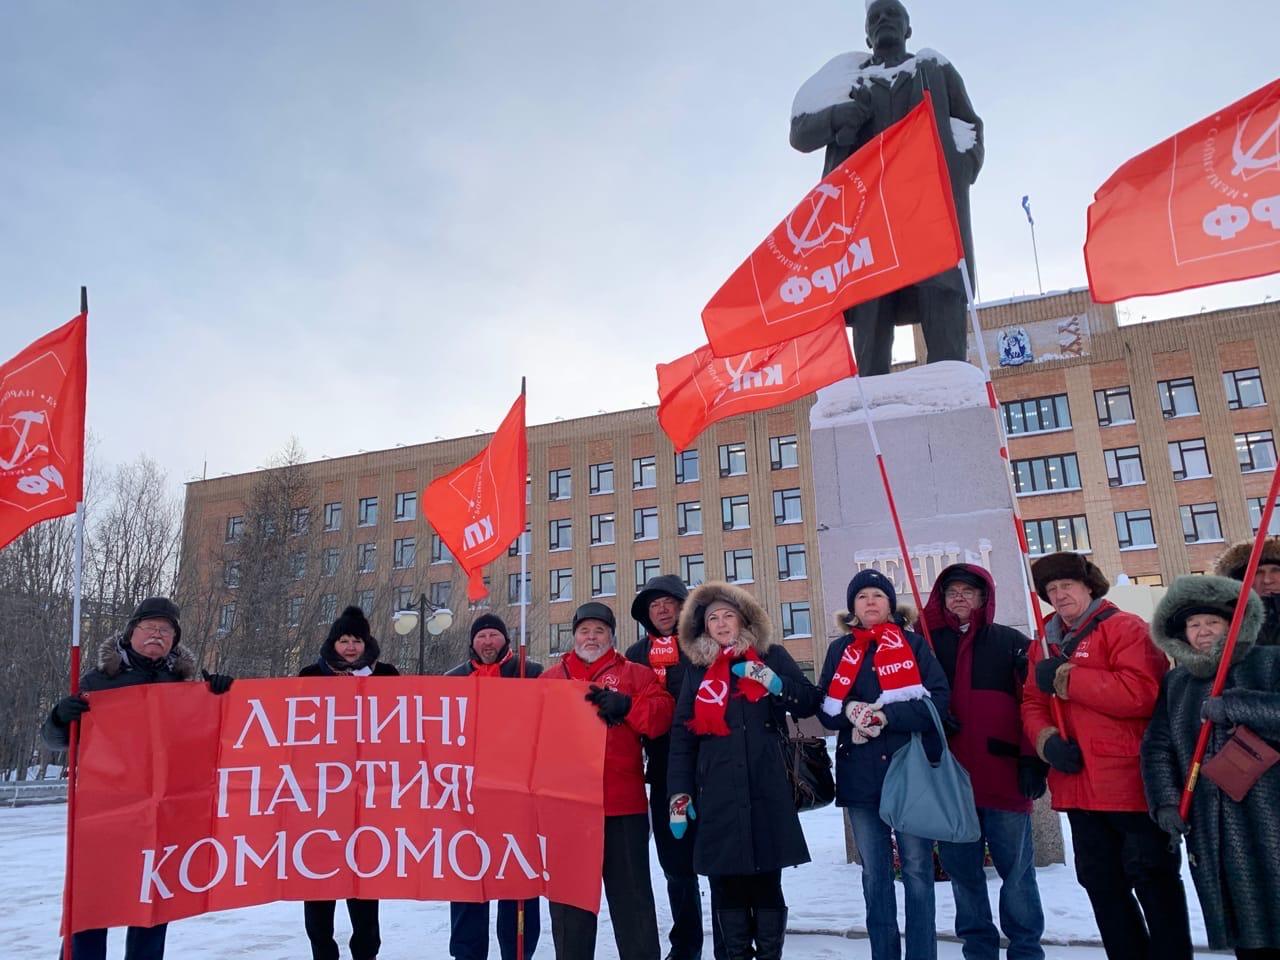 Пикет памяти В.И. Ленина прошел в Салехарде